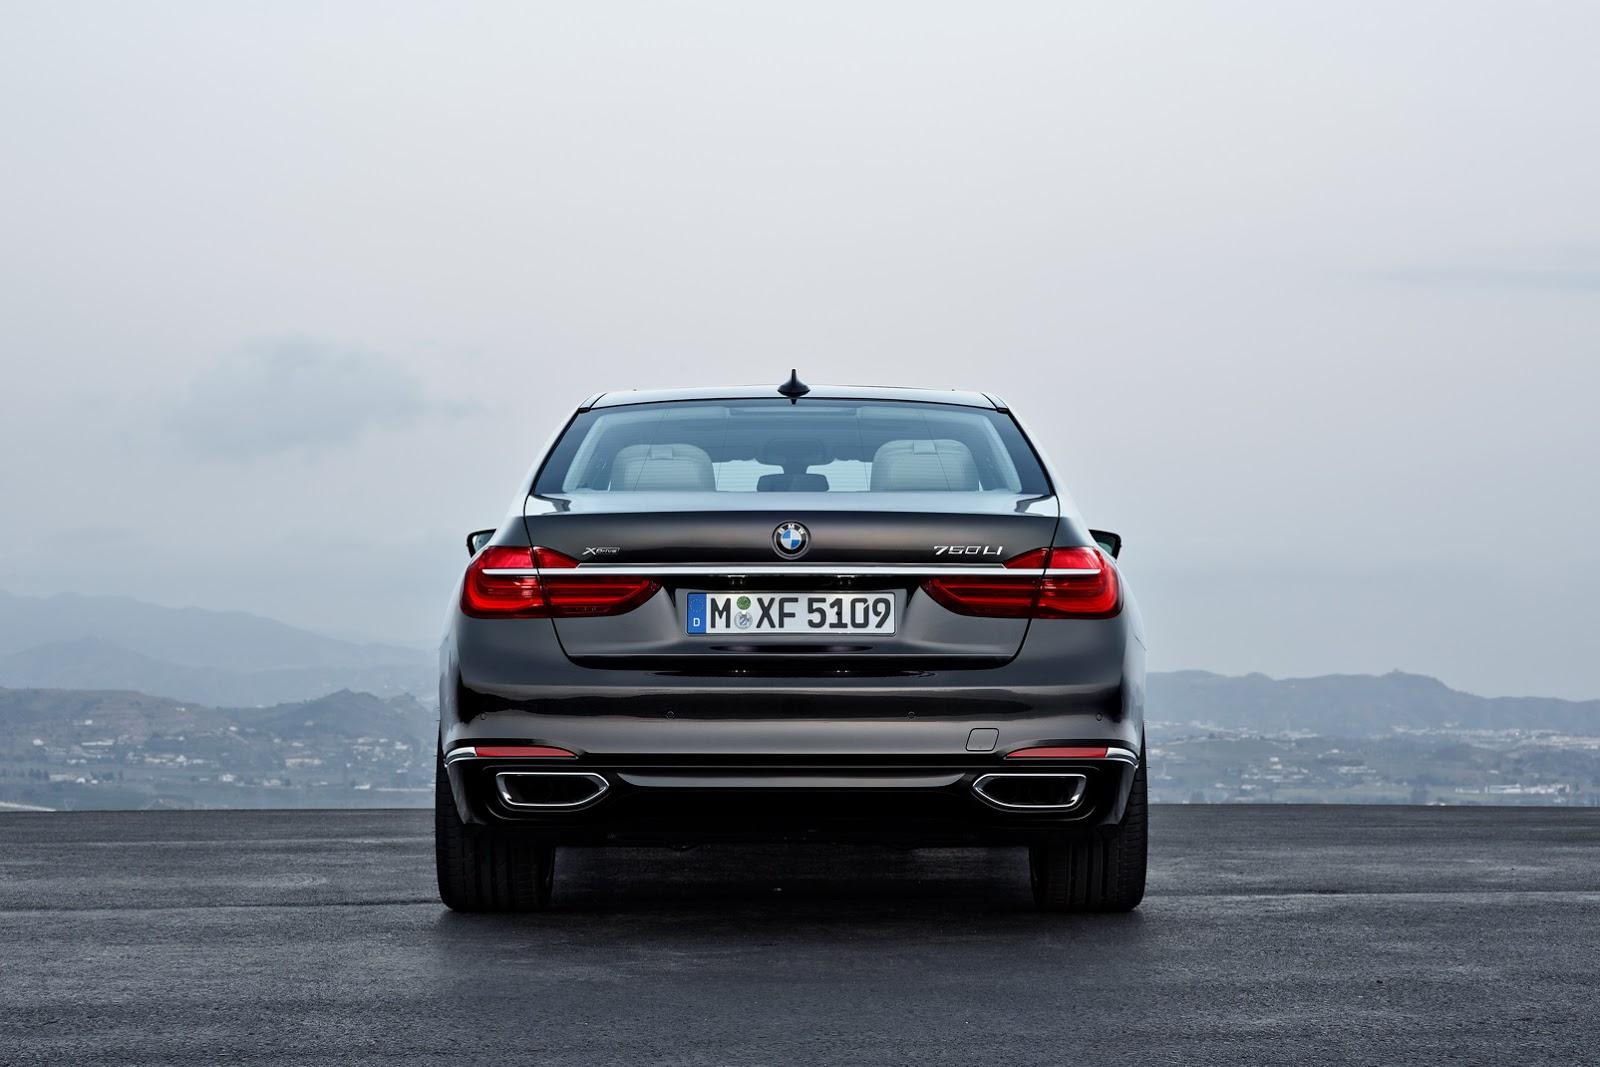 2016-BMW-7-Series-New4 புதிய பிஎம்டபிள்யூ 7 சீரிஸ் அறிமுகம்